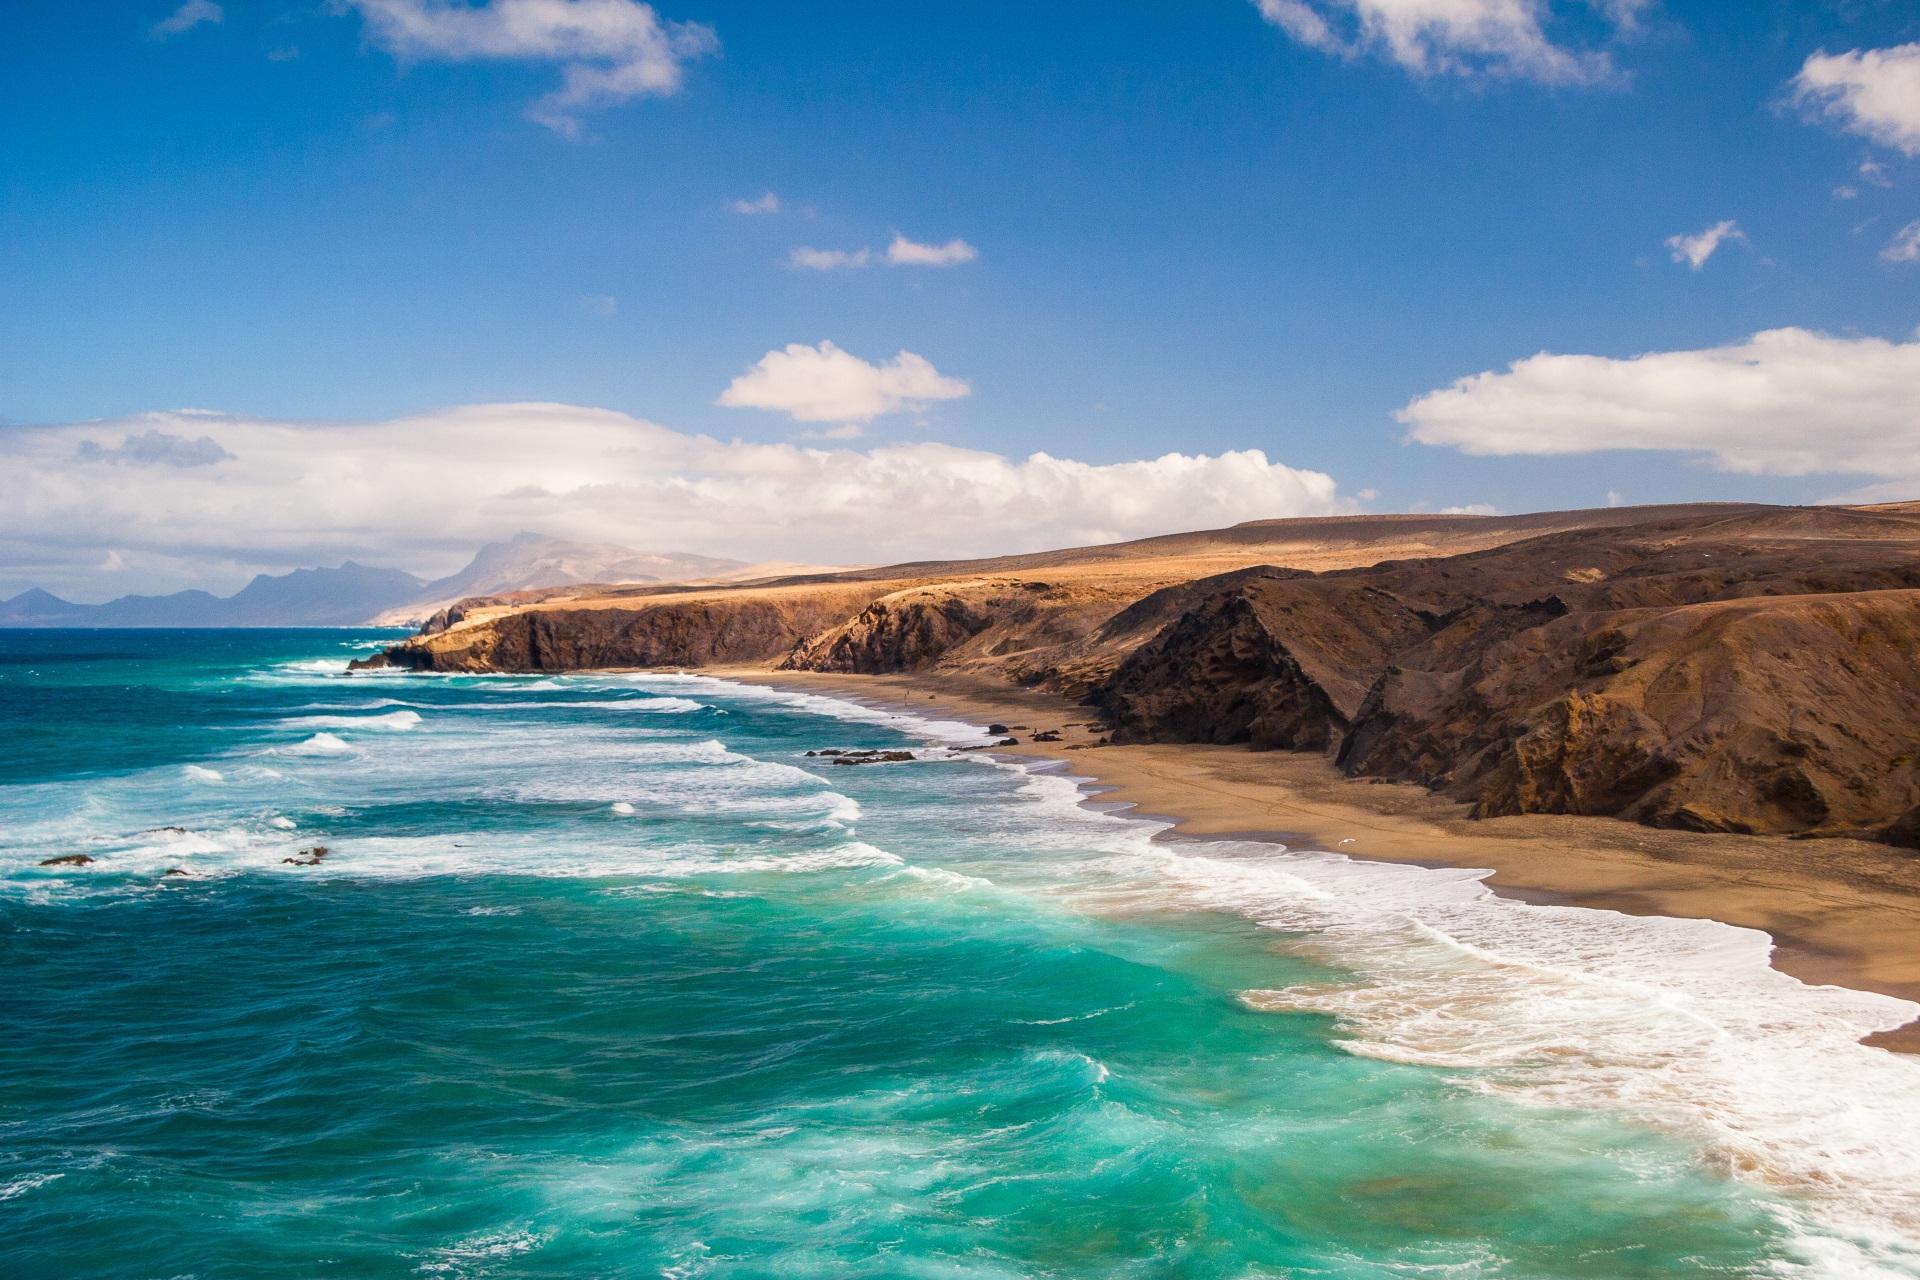 Natur Pared Beach Fuerteventura